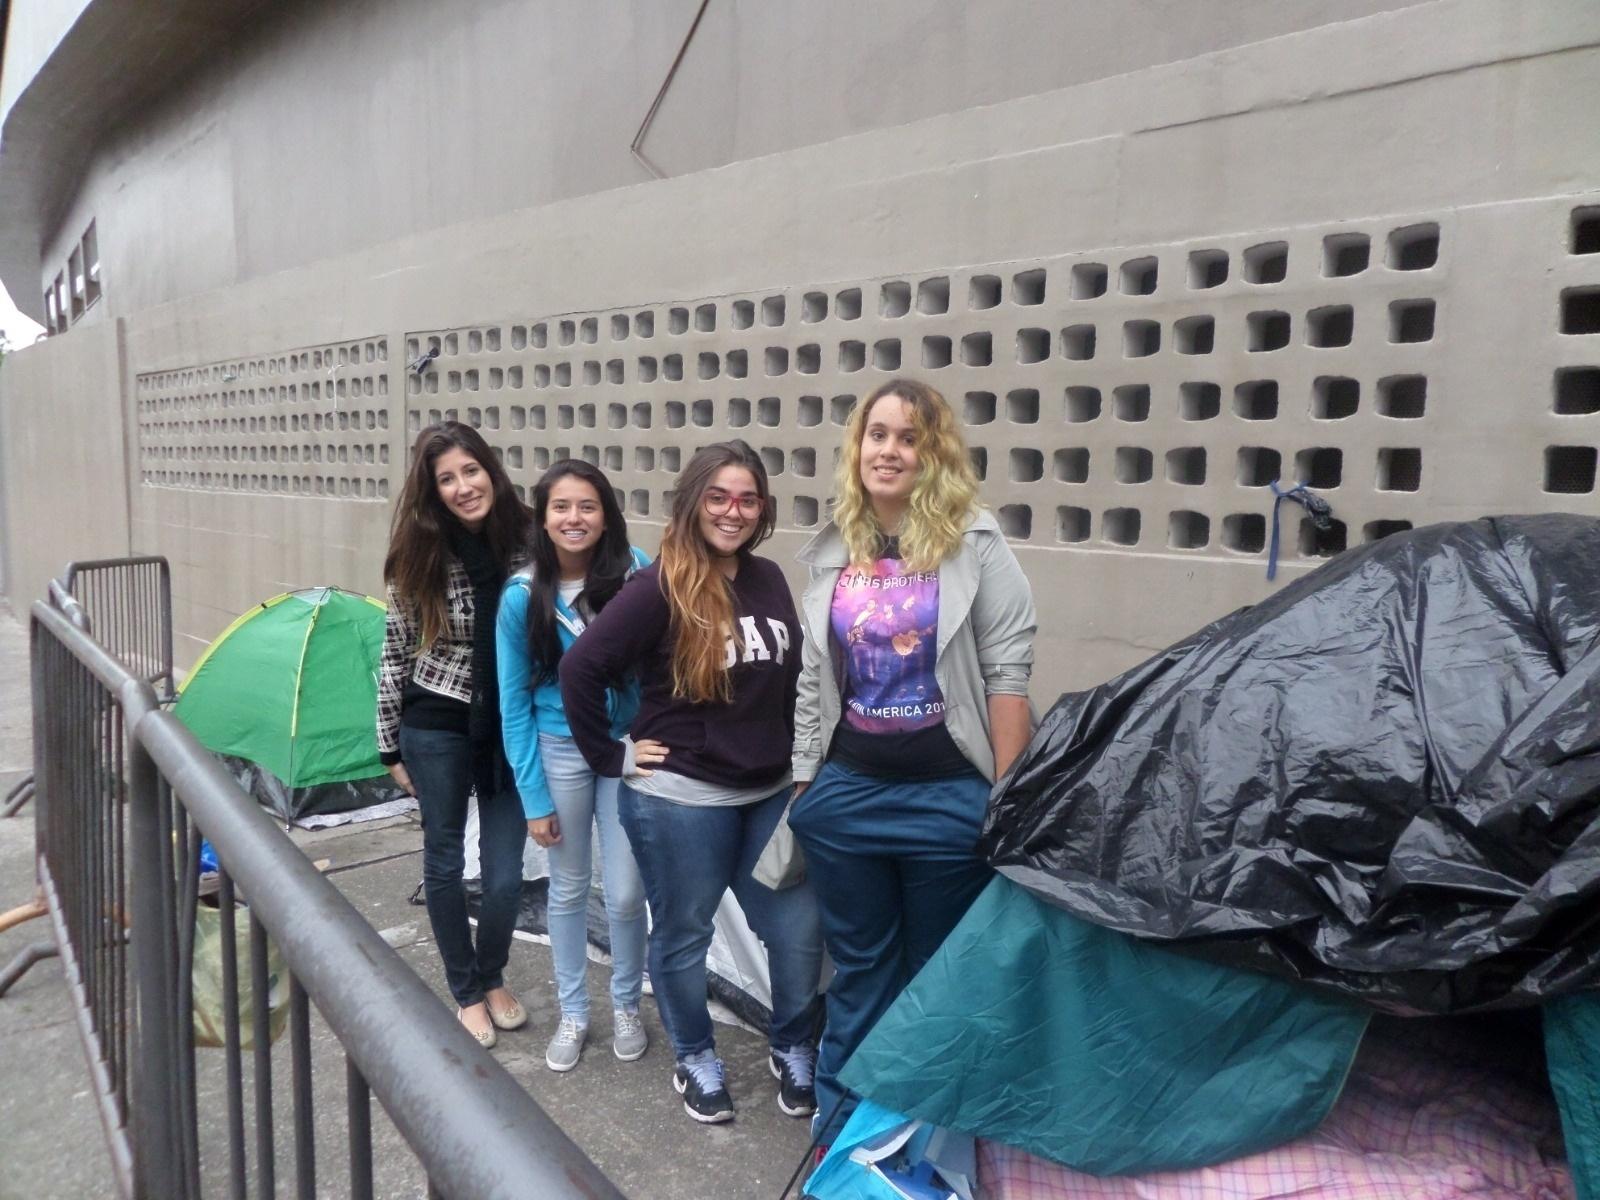 16.abr.2014 - A primeira da esquerda, Daniele Borges tem 19 anos e faz cursinho para medicina. Ela é fã do One Direction e se sente arrependida por estar na porta do Estádio do Morumbi.